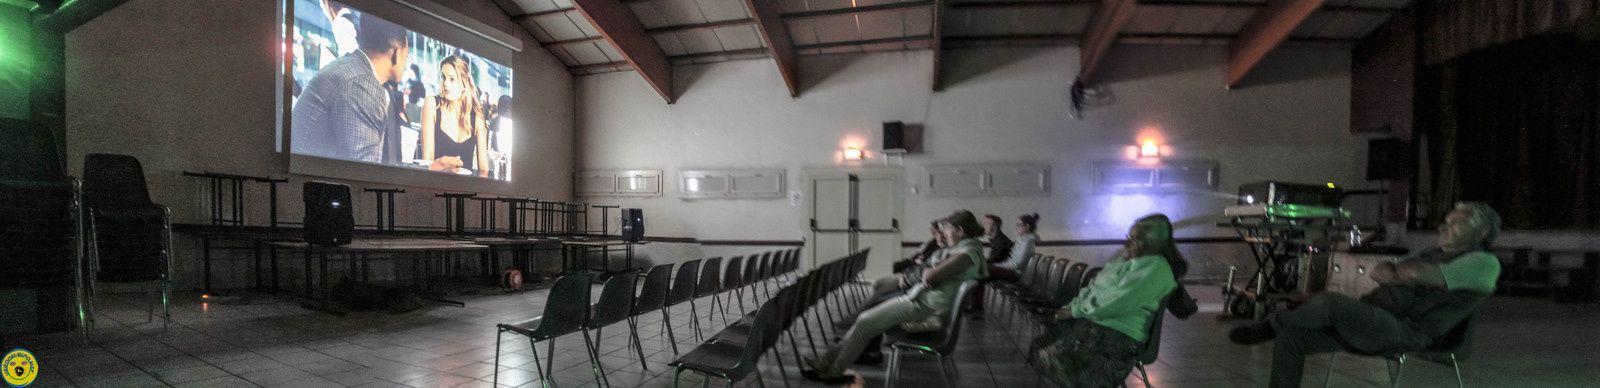 La séance de 21 h du 24 avril du  cinéma de Pays n'a pas motivé les habitants.